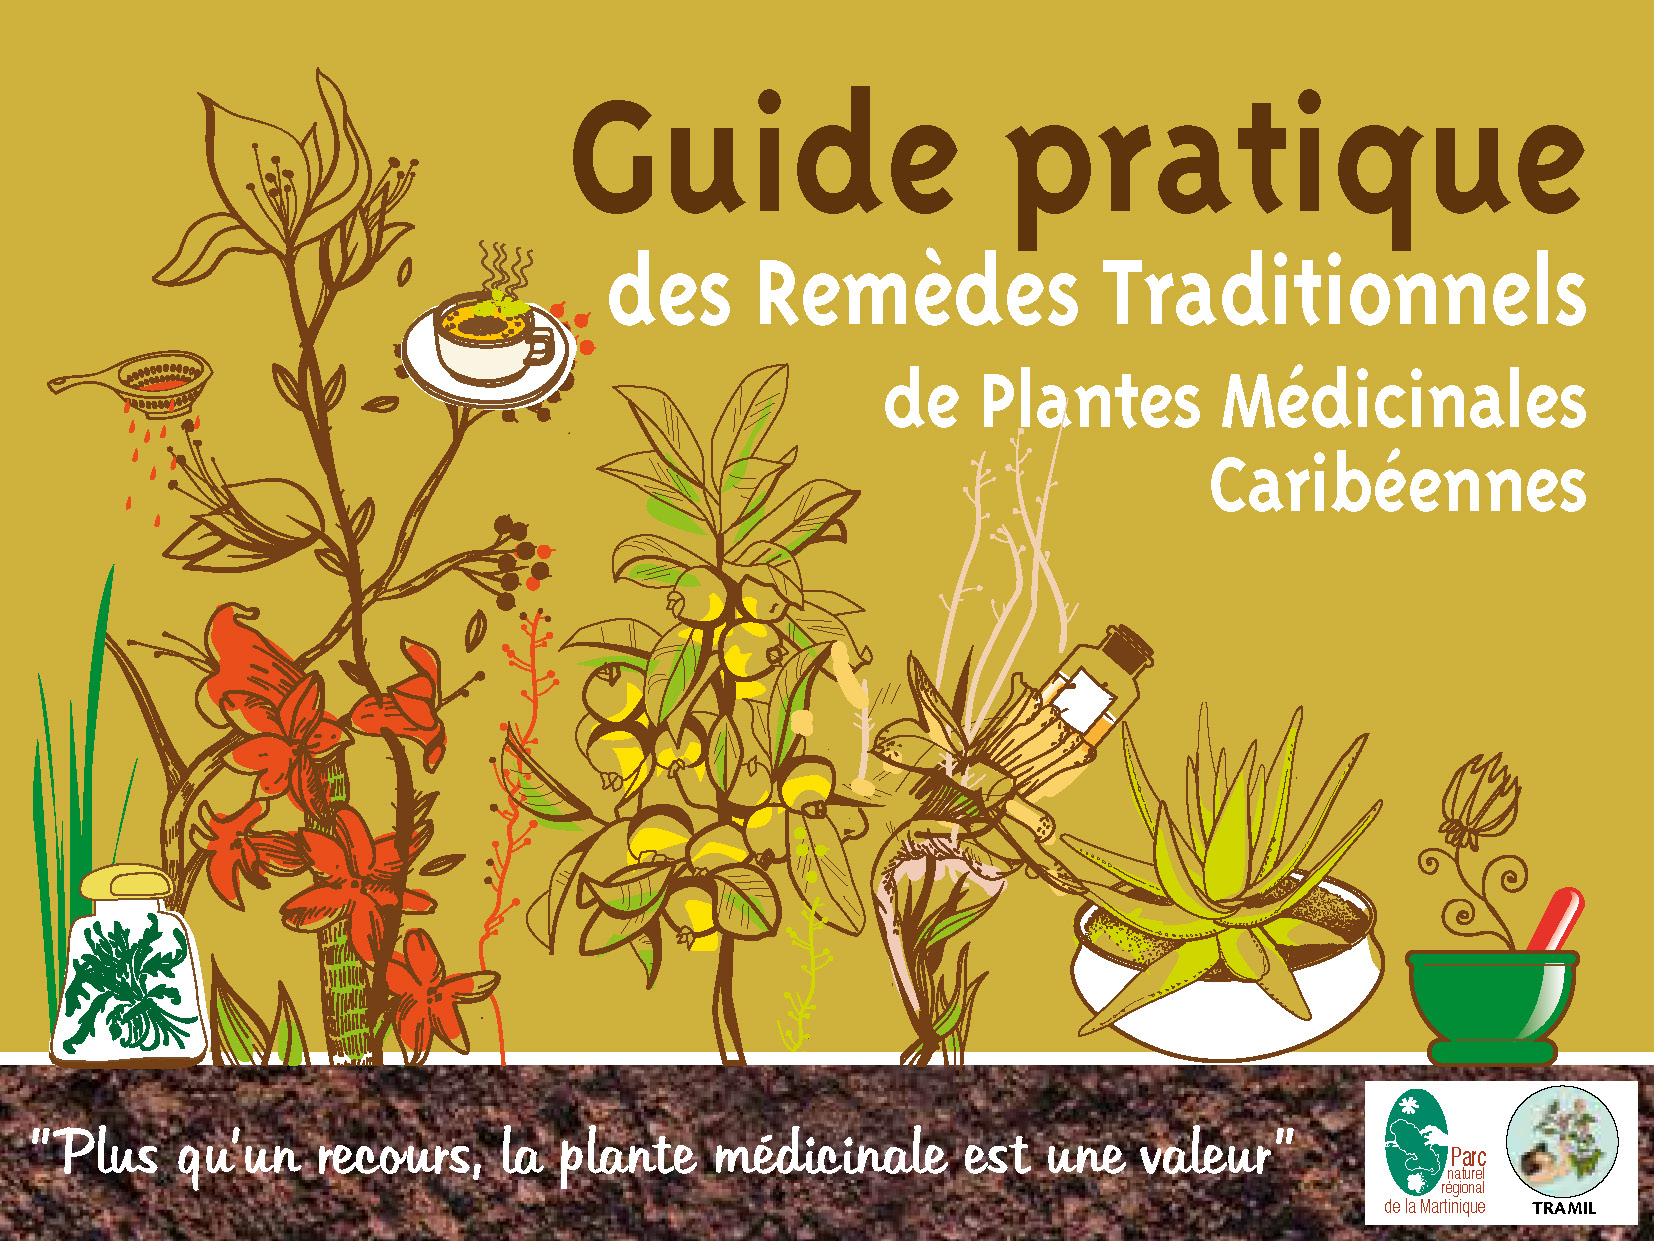 plantes-medicinales-PNRM_Page_001